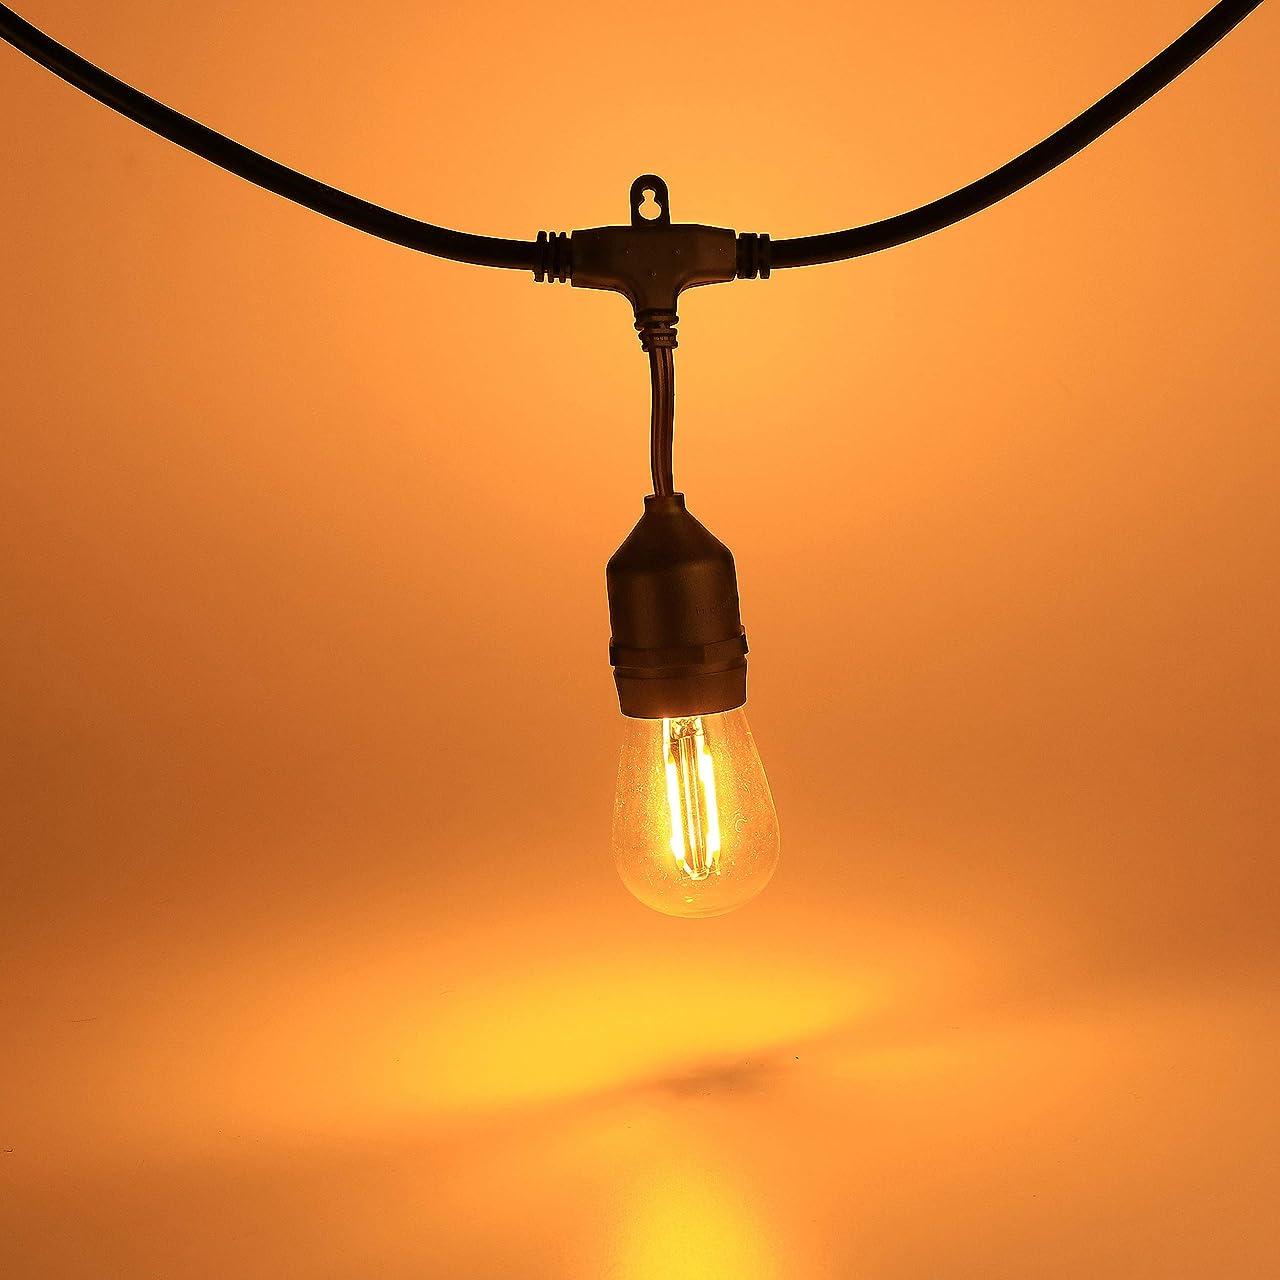 なめらかなもう一度ニンニク戸外灯串LED電球串暖白色調IP 65防水灯串高品質ガラス串電源はDIY/パーティ/バー/ブライダルランプ15個に適しています (黒)